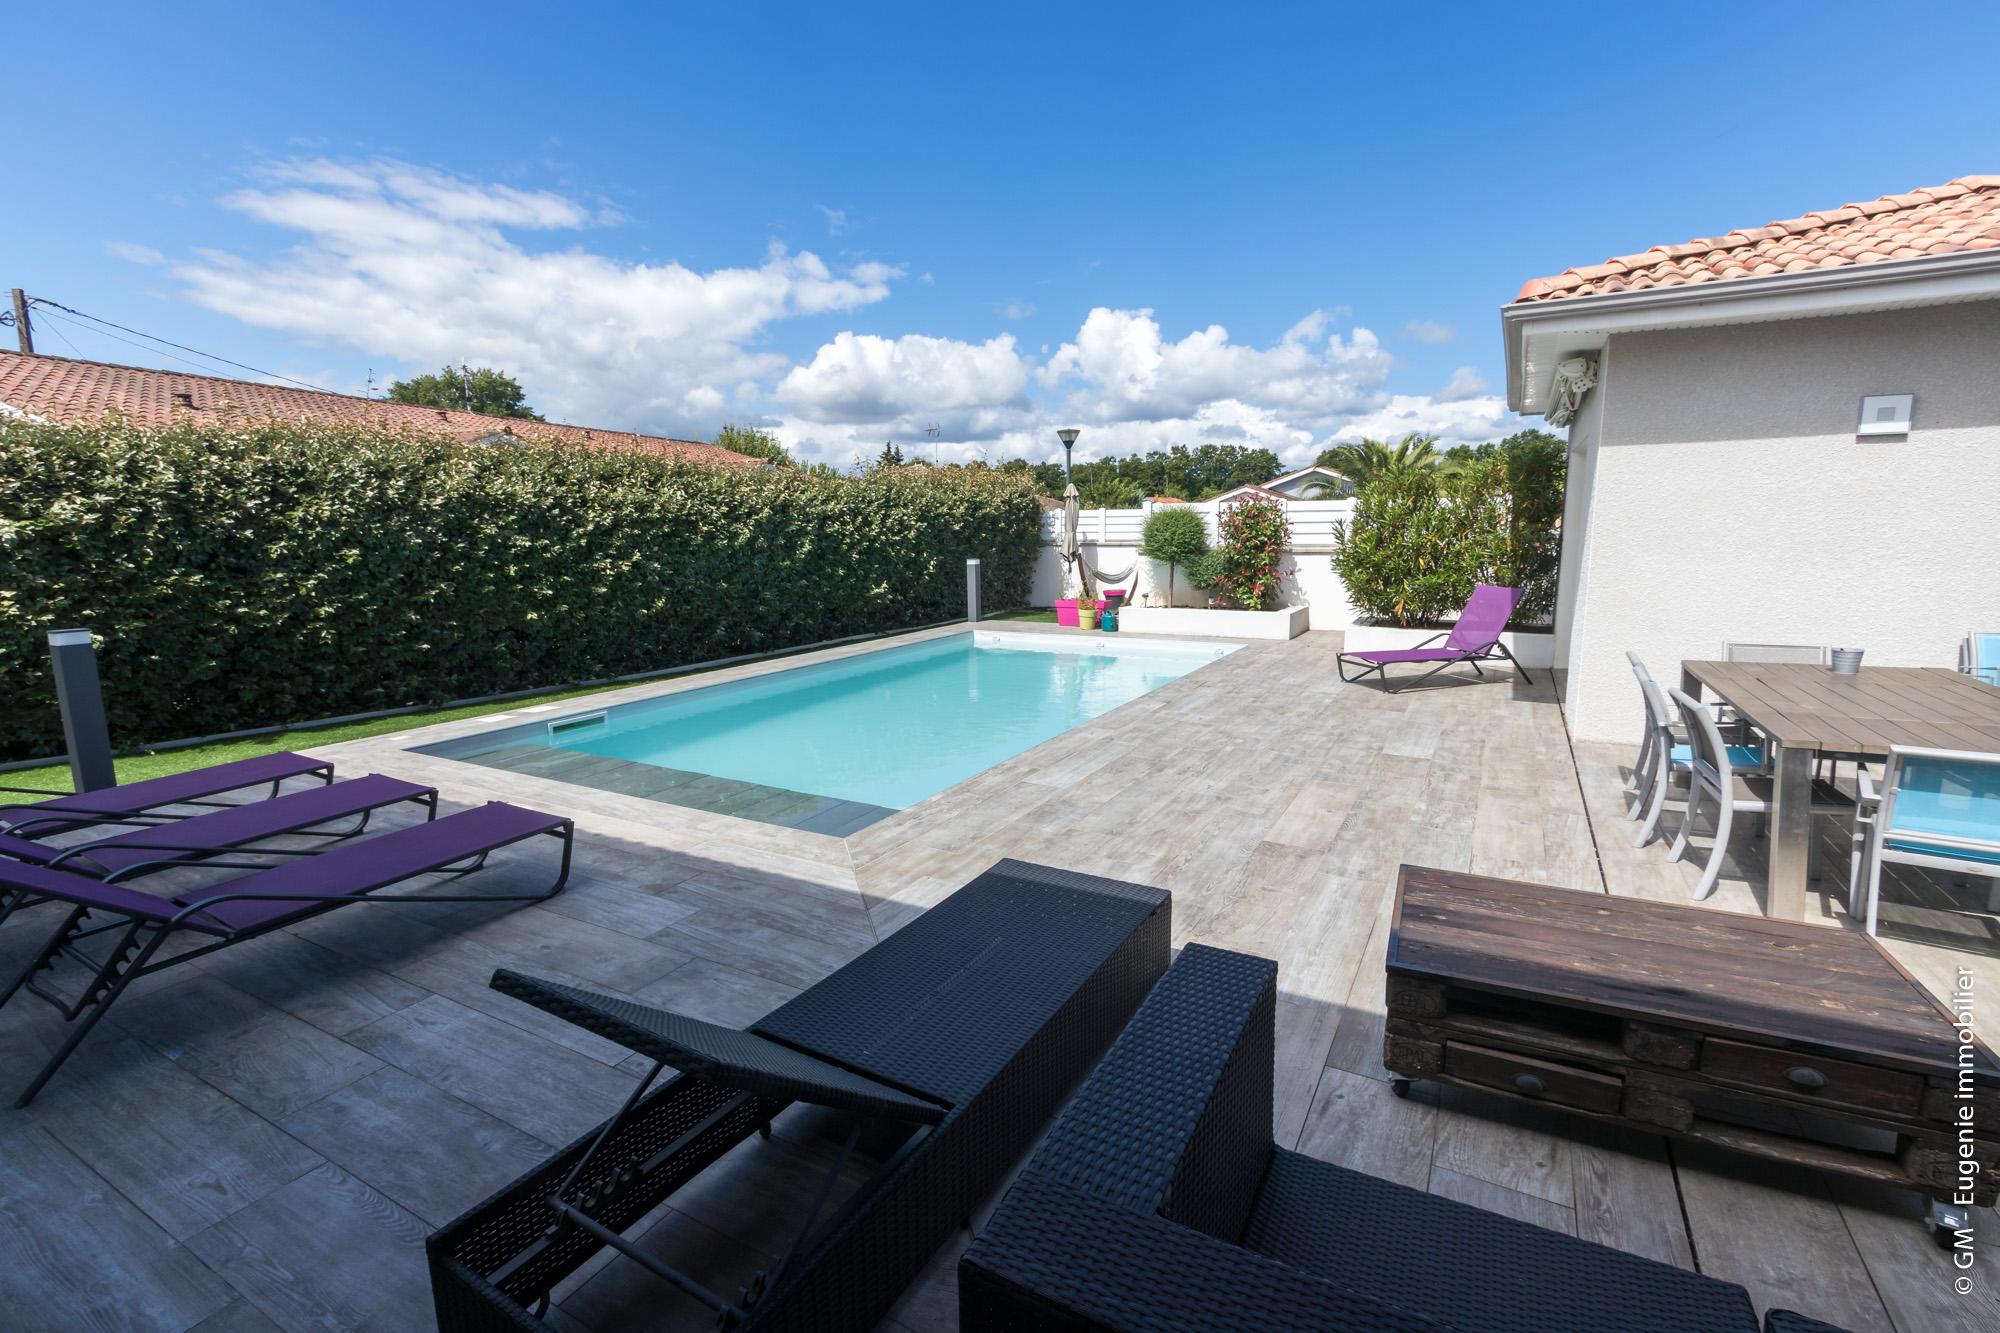 Maison Contemporaine 155m² T6 + Piscine et belle terrasse au calme